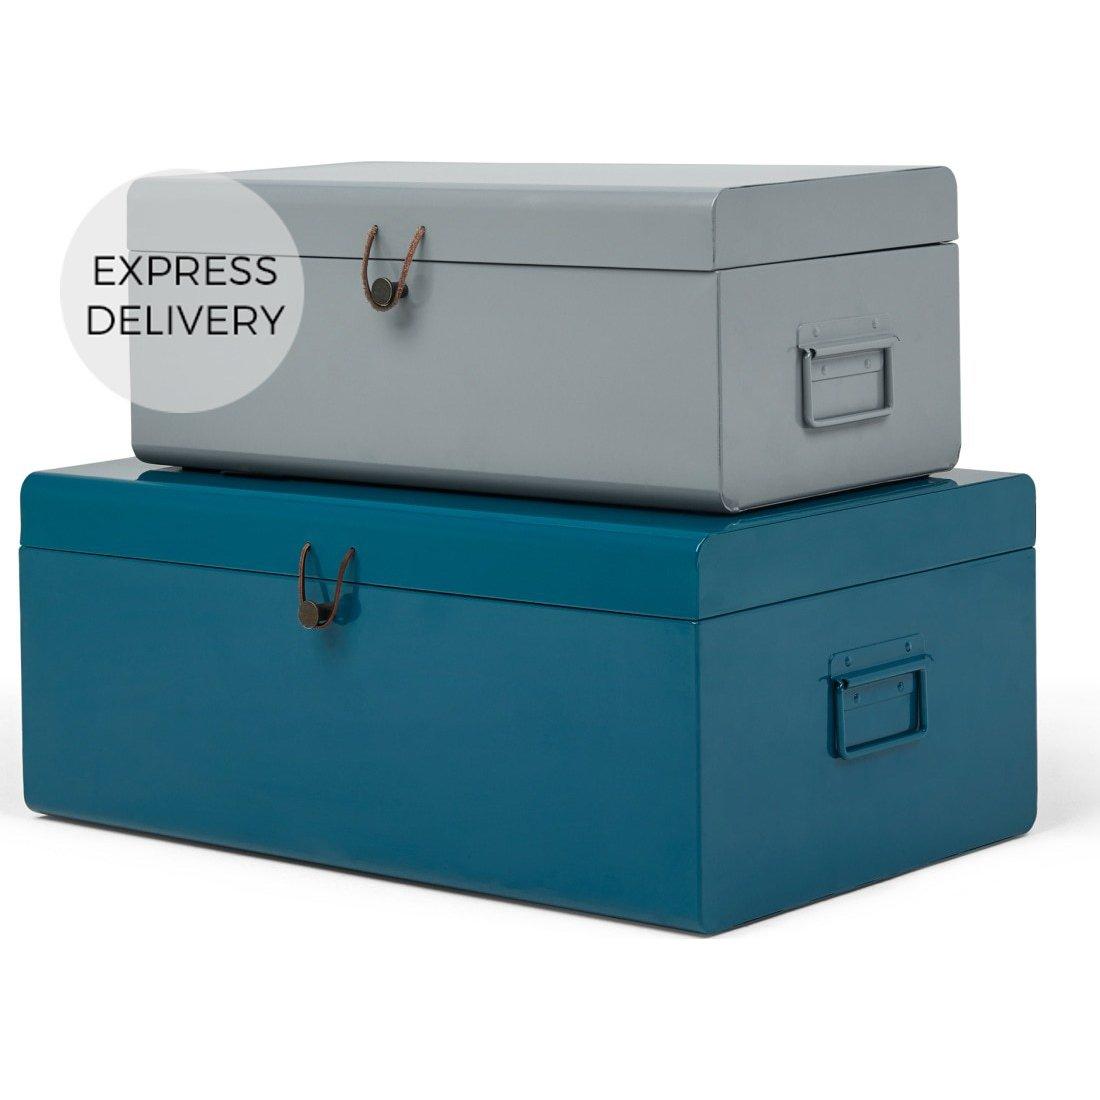 image-Daven Set of 2 Metal Storage Box Trunks, Teal & Grey